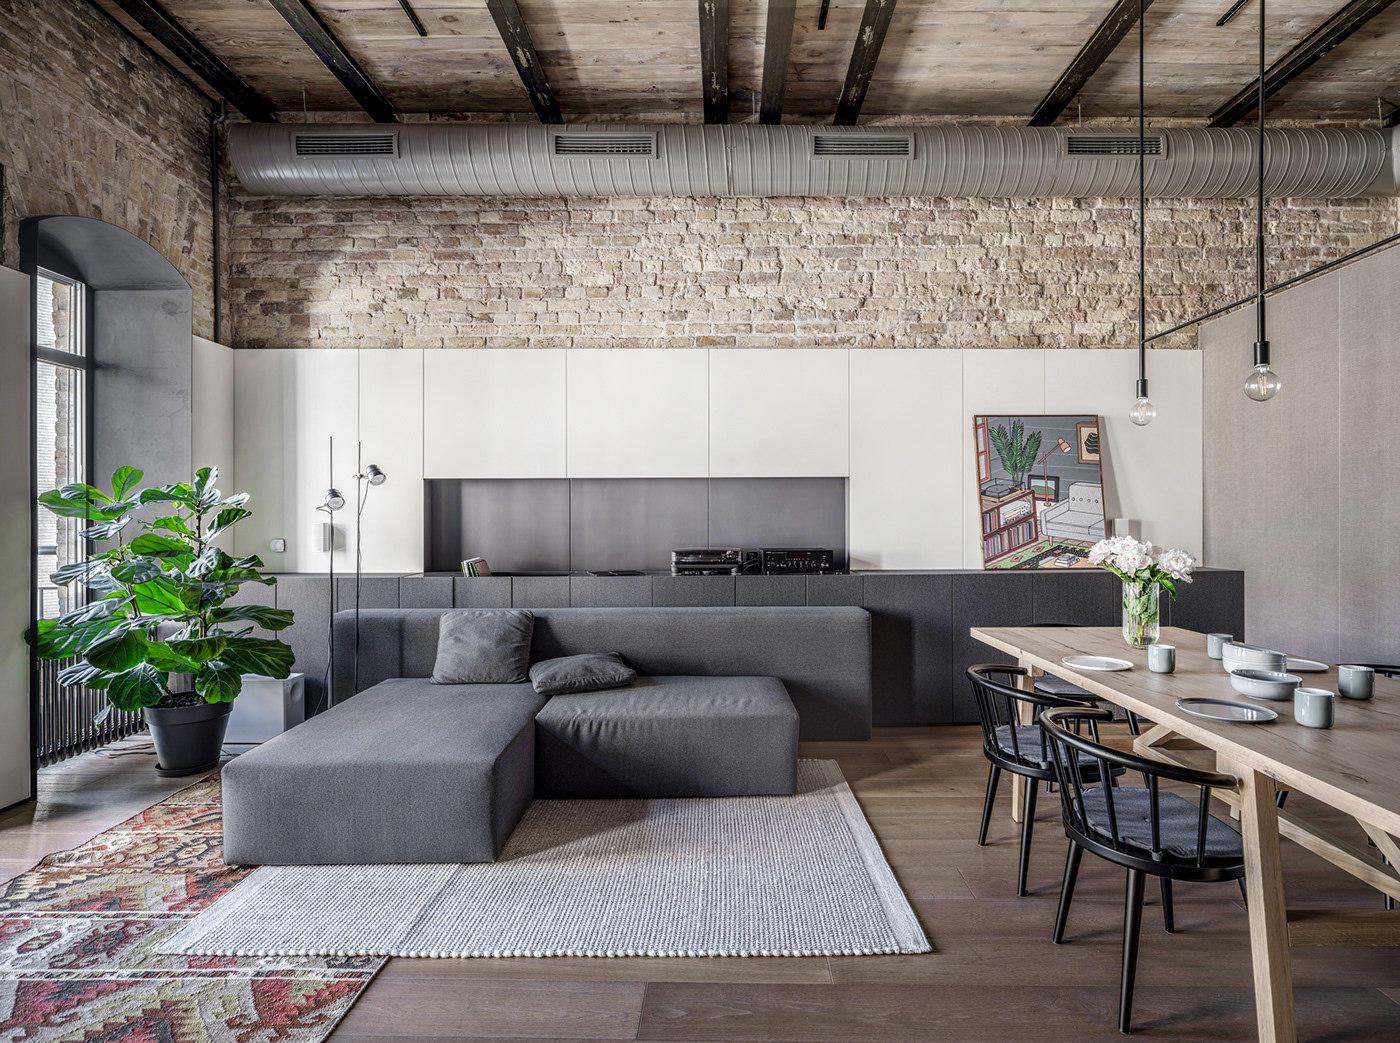 Loft工业风别墅沙发背景墙装修效果图